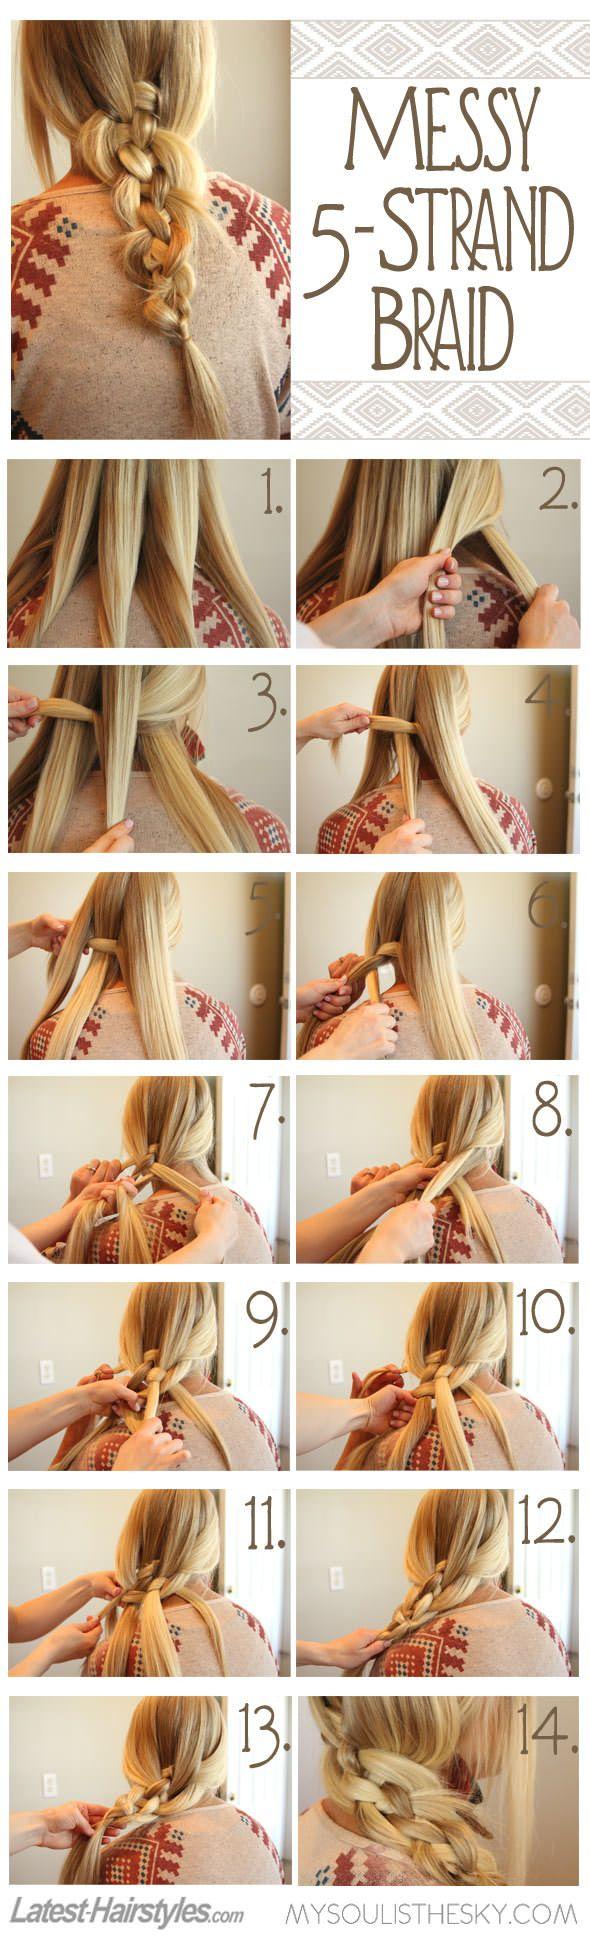 Stunning Braided Hairstyle Tutorials to Master : # 2 : Messy 5-Strand Braid